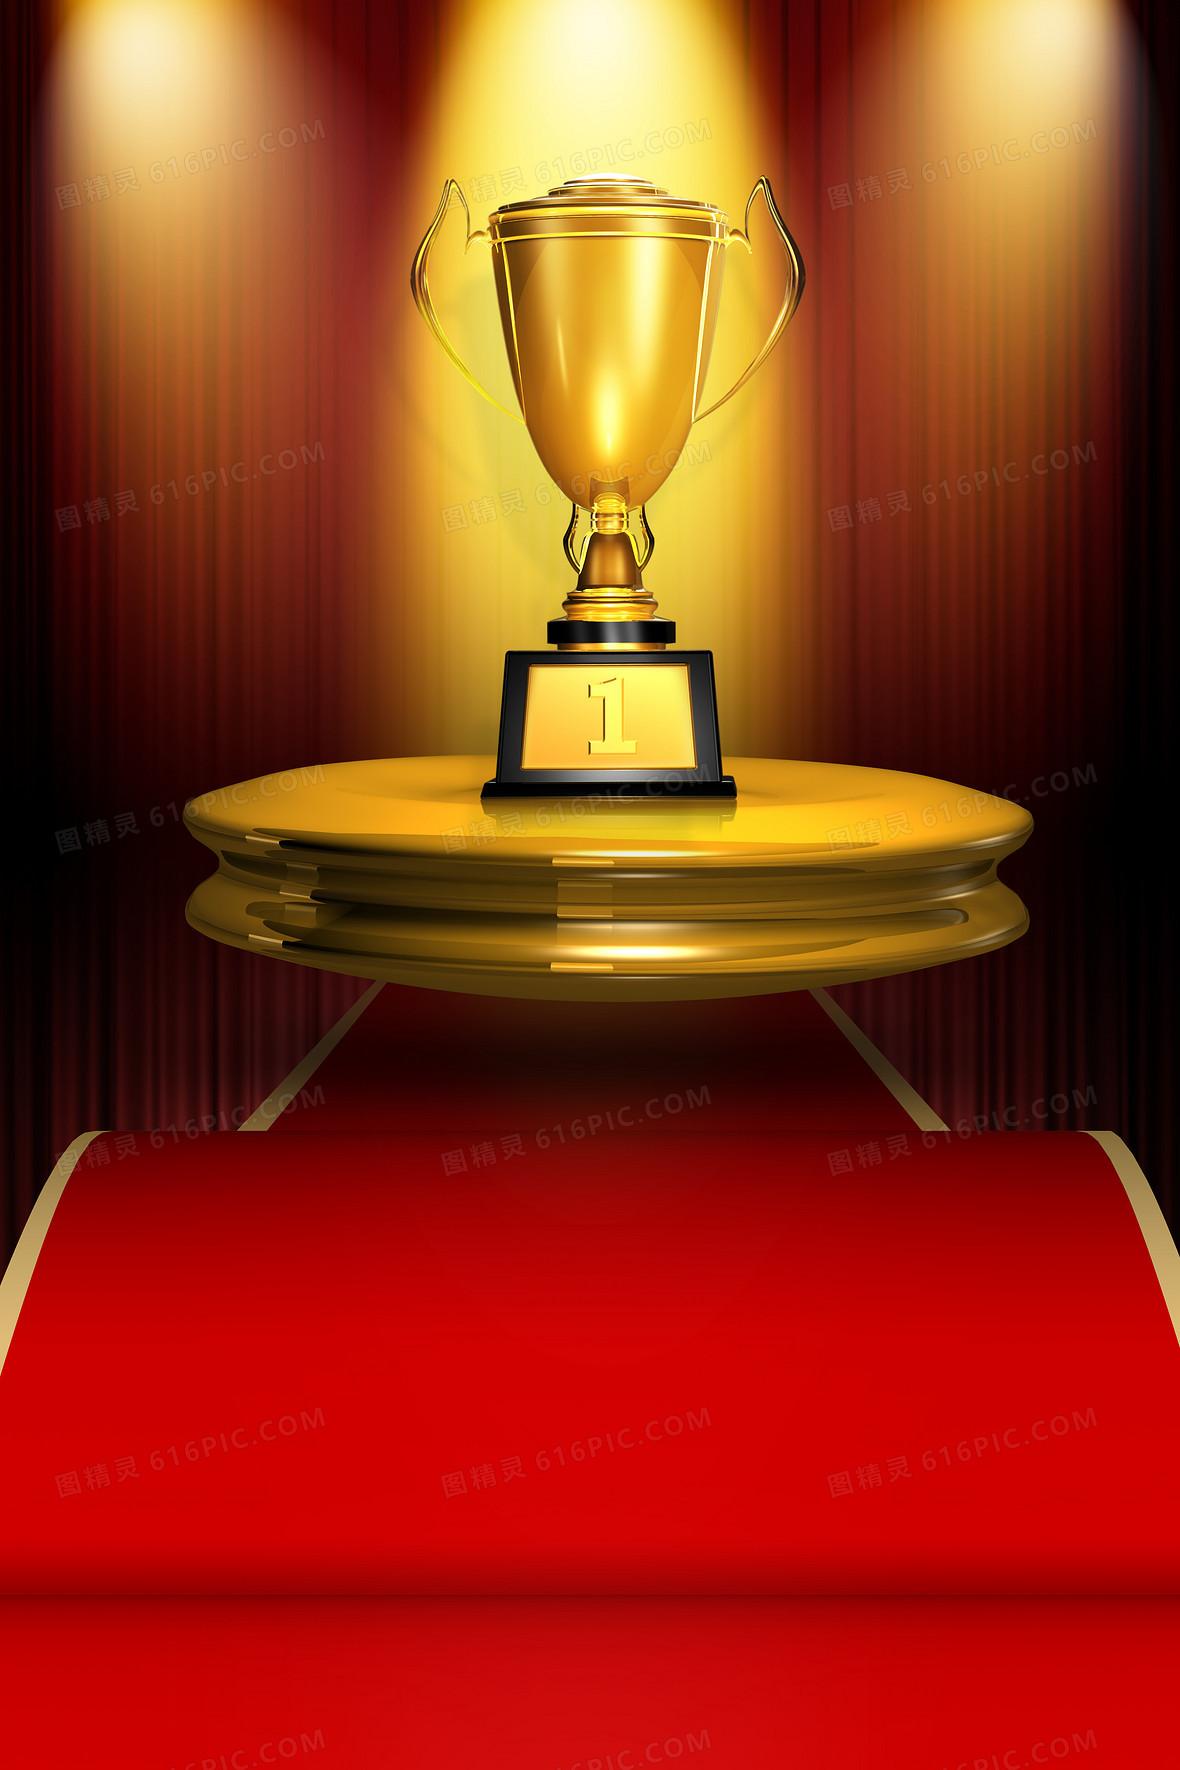 奖杯荣誉金色红毯背景素材